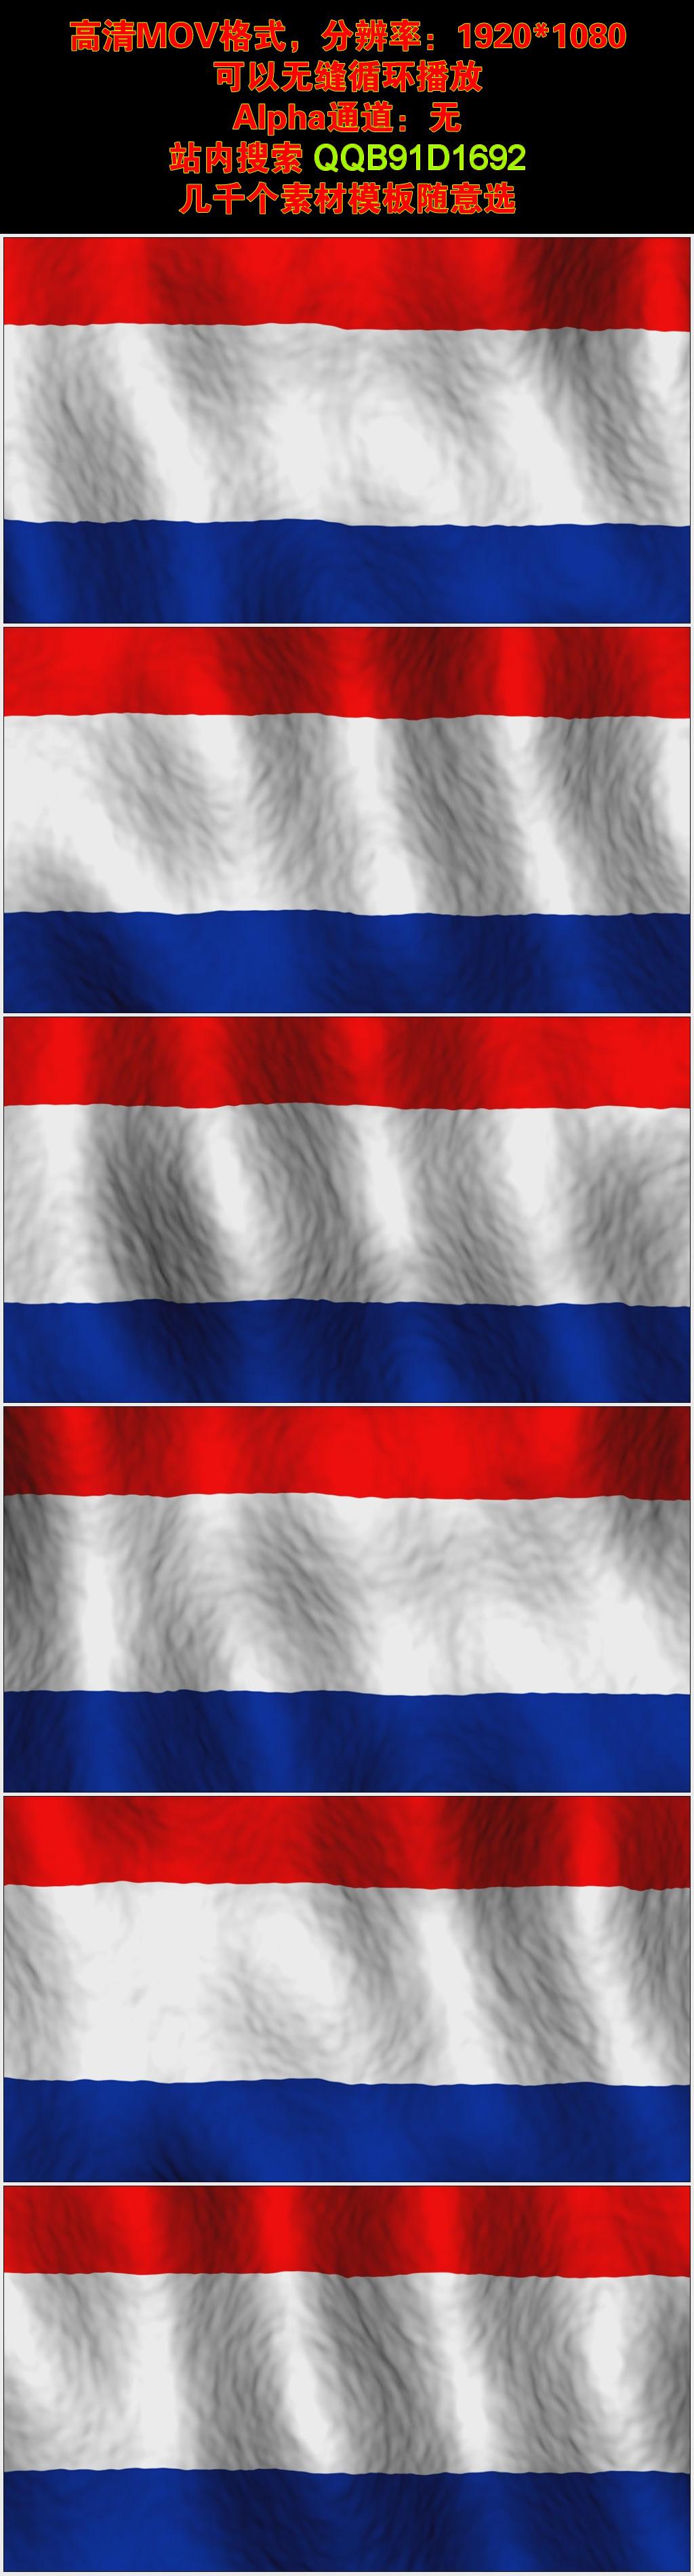 古巴国旗视频素材图片